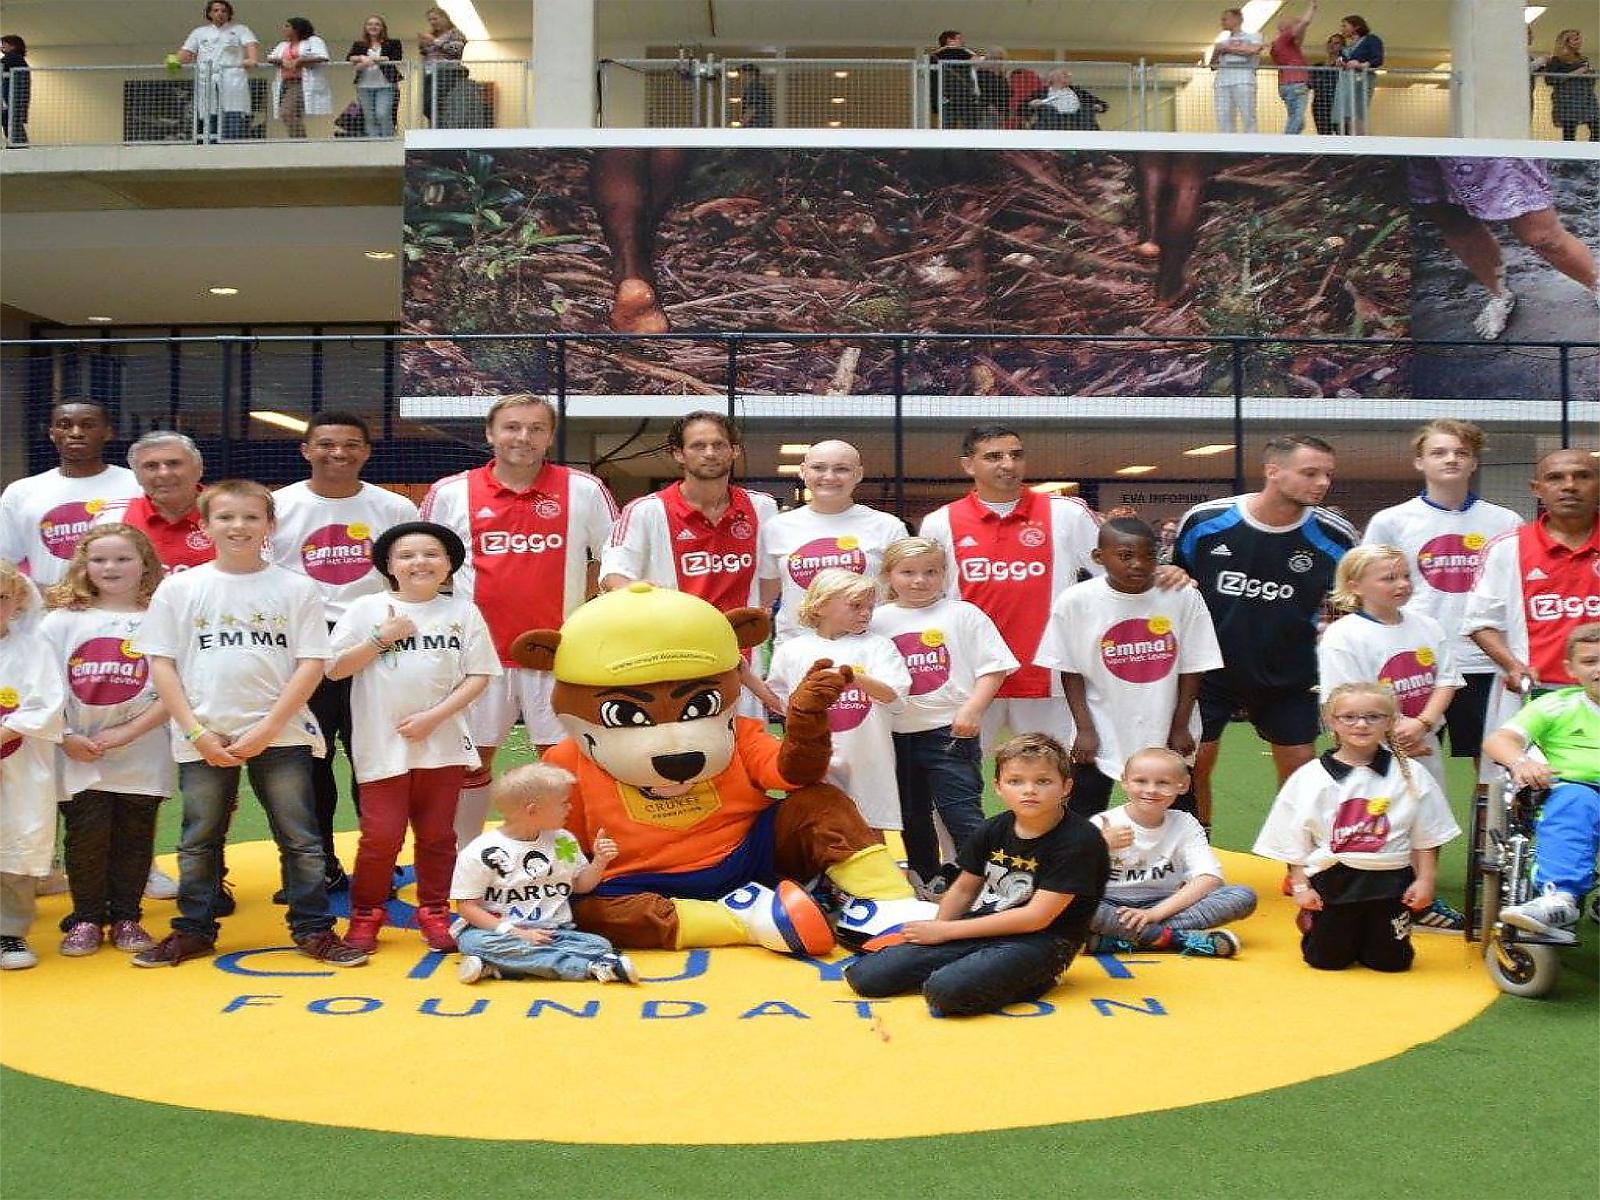 Koning Willem-Alexander bezoekt sportdag georganiseerd door De Denkfabriek